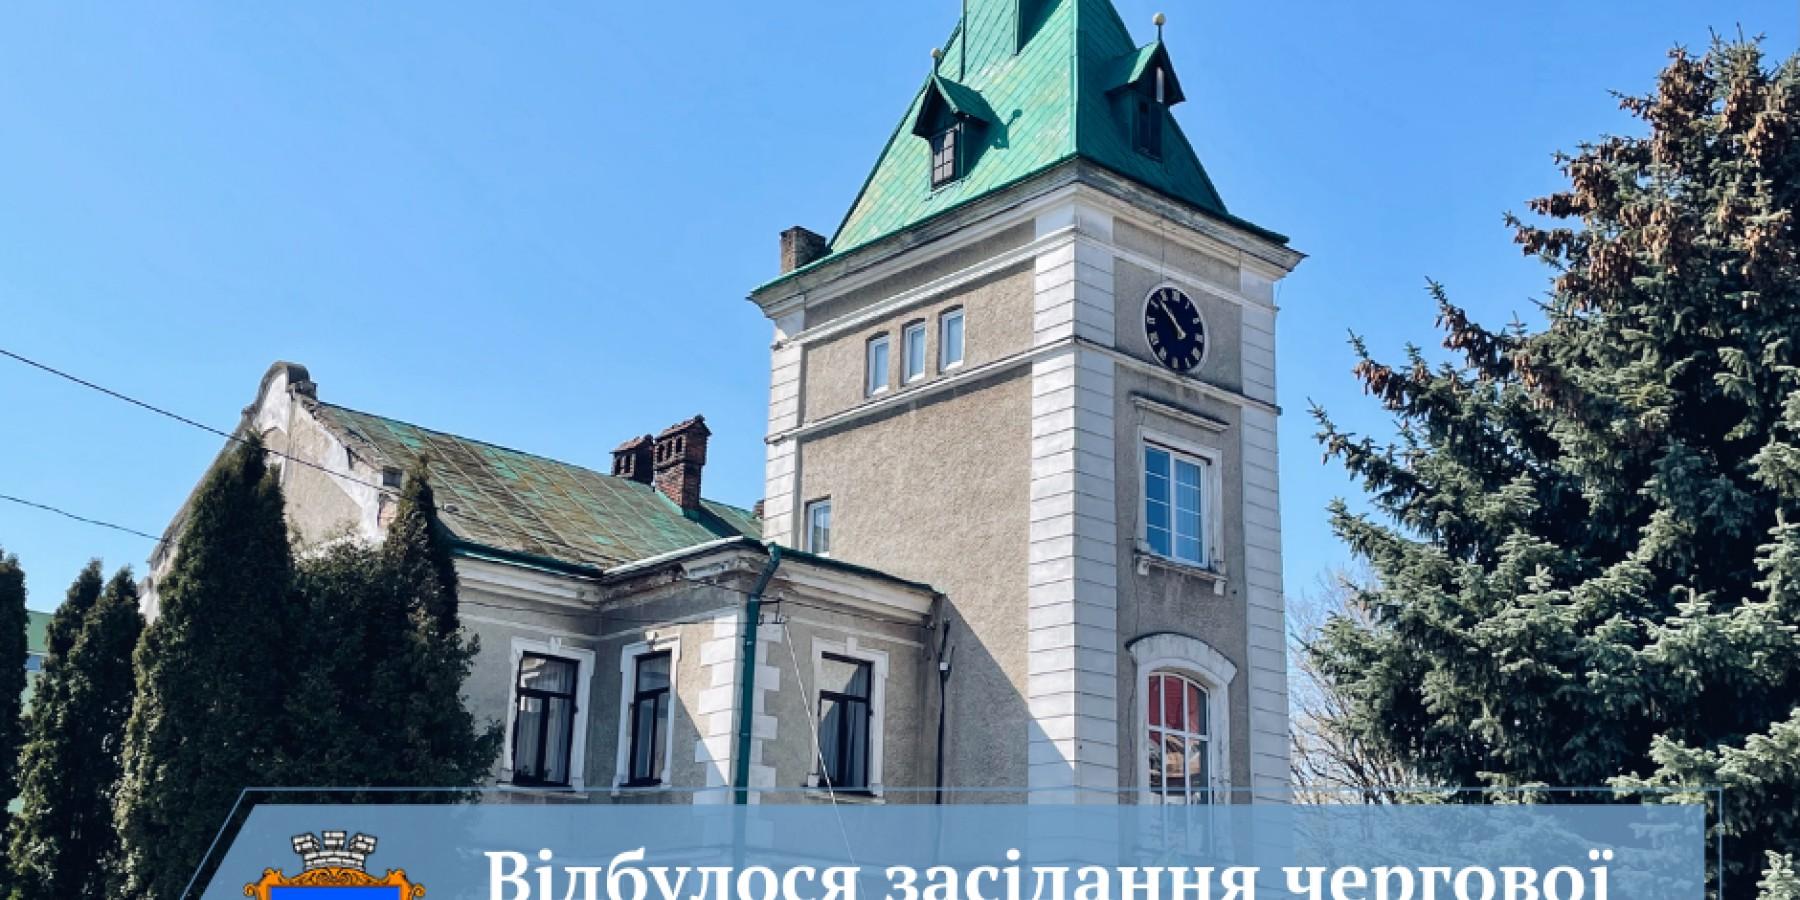 Відбулося засідання ХV сесії Кам'янка-Бузької міської ради.